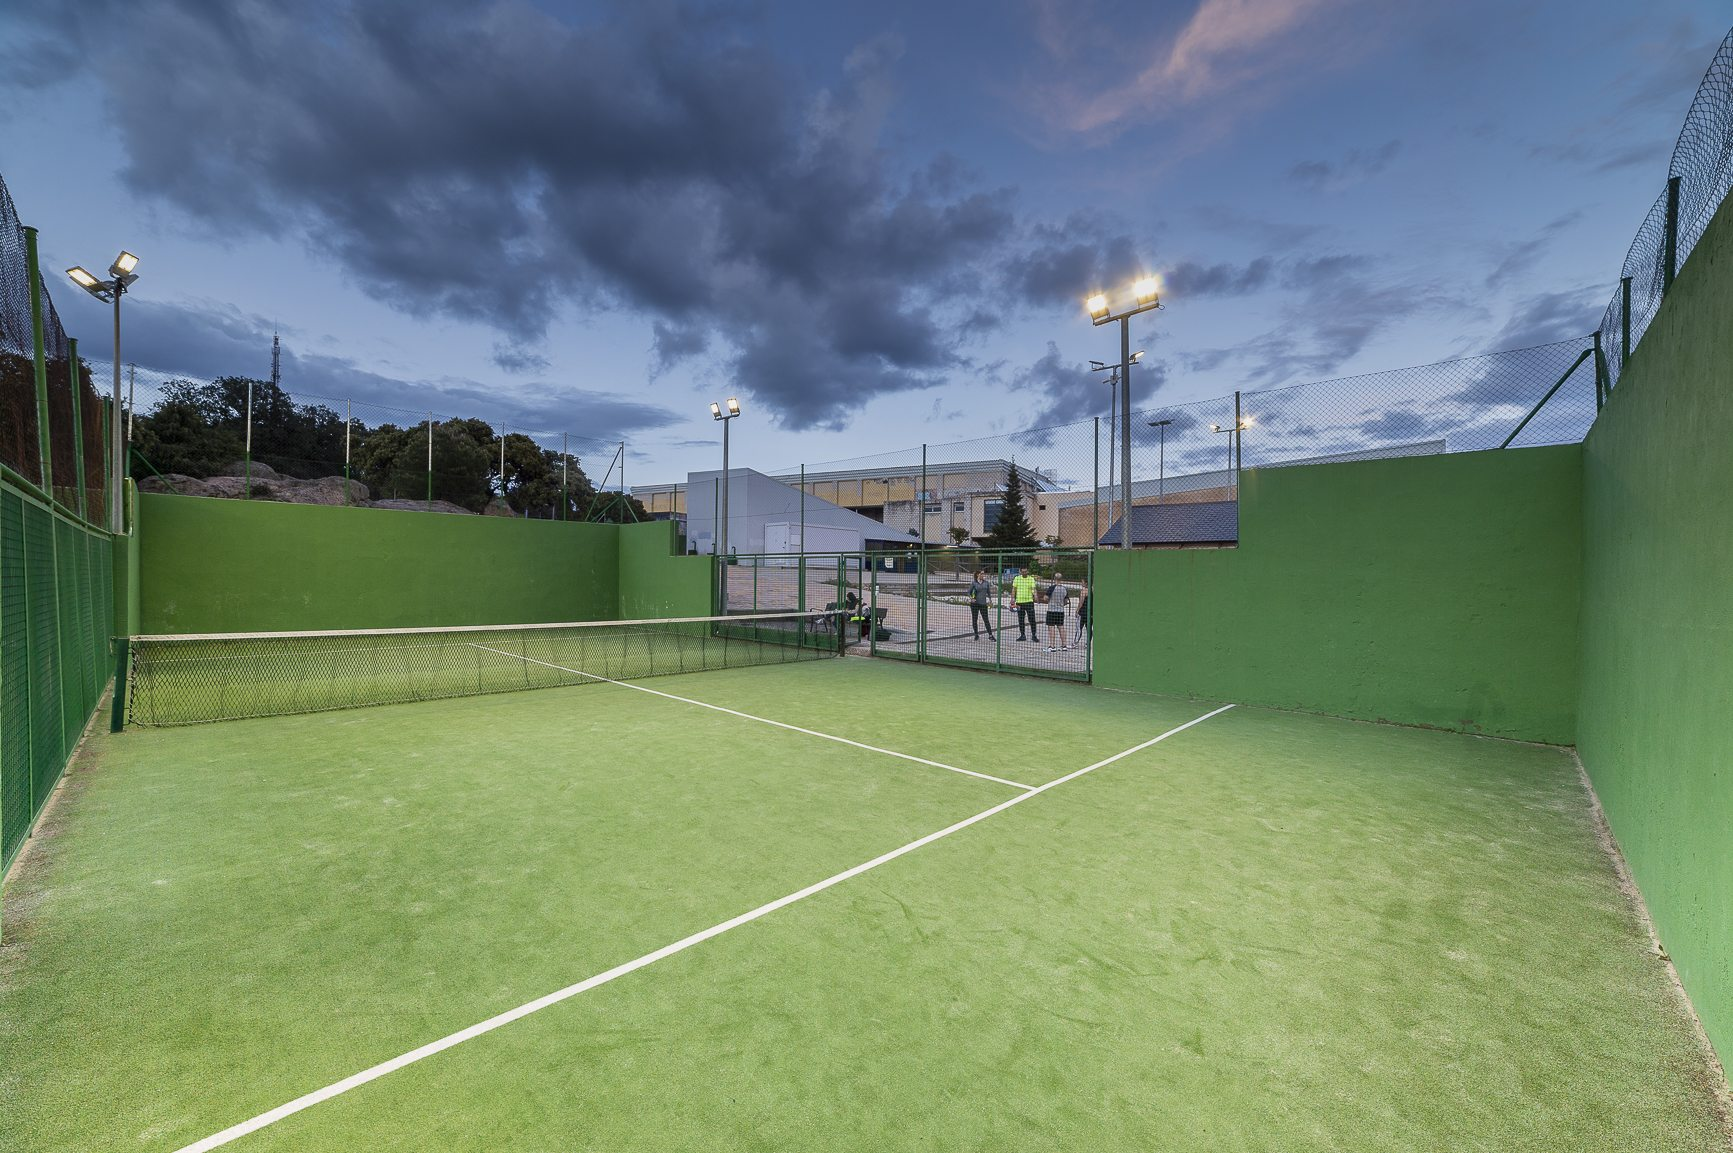 05Schreder_pista_de_padel_outdoor_Polideportivo_Municipal_Torrelodones_Madrid2